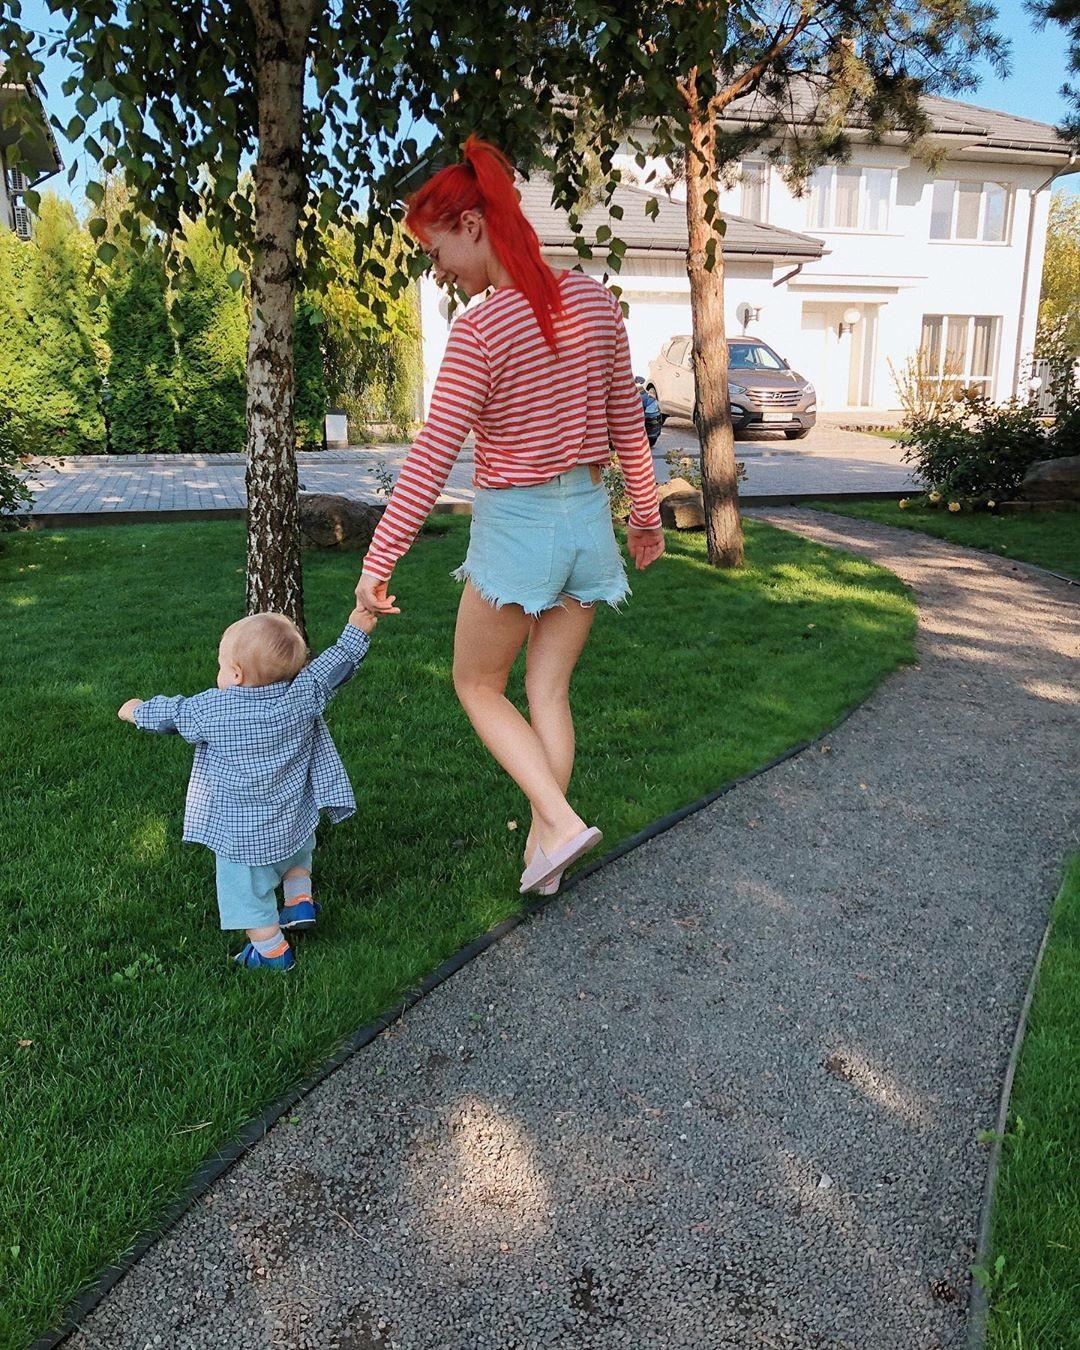 Светлана Тарабарова показала фото, на которых ее 11-месячный сын делает первые шаги